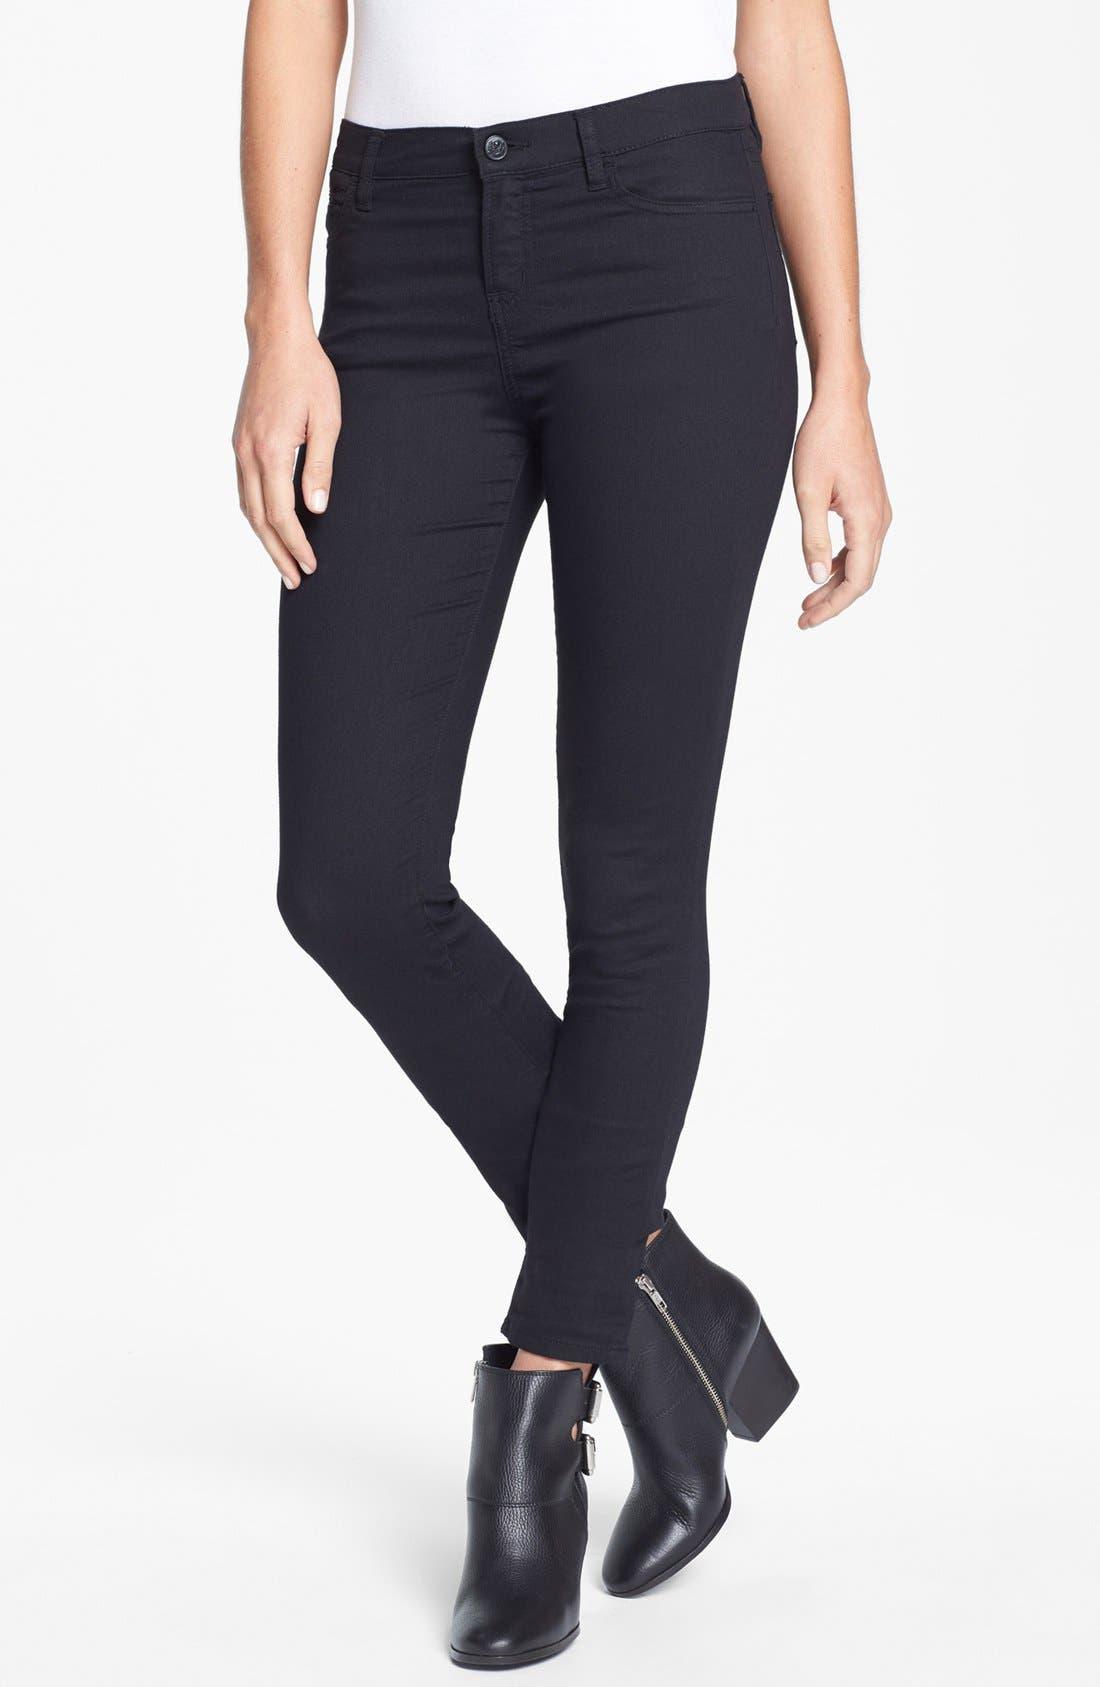 Alternate Image 1 Selected - The Kooples Skinny Jeans